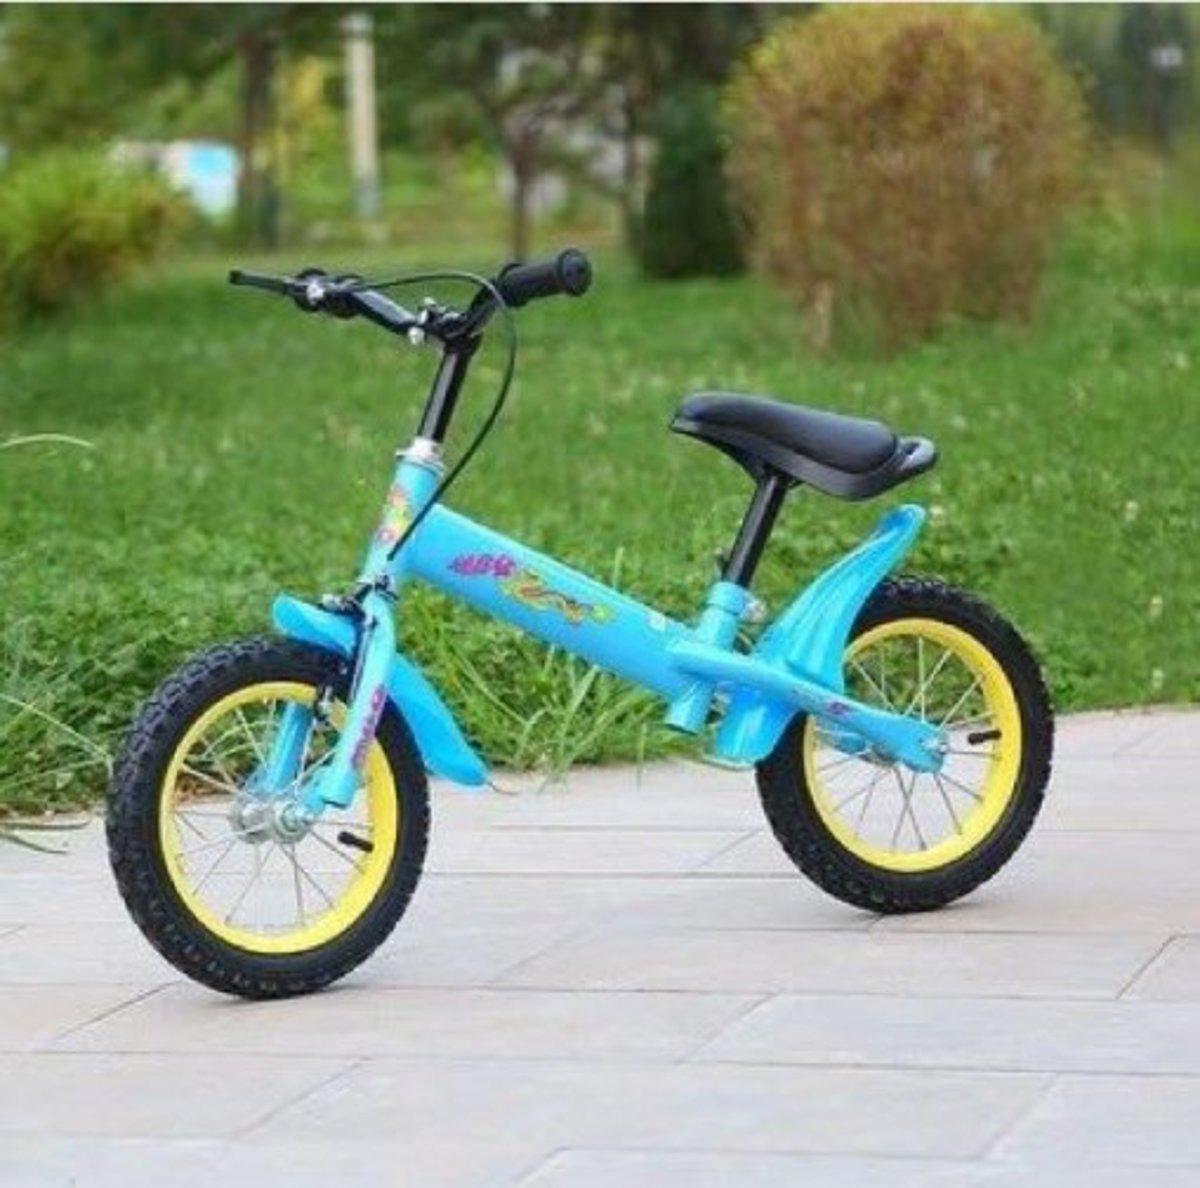 兒童平衡滑步單車(天藍色 12寸)適合2-4歲